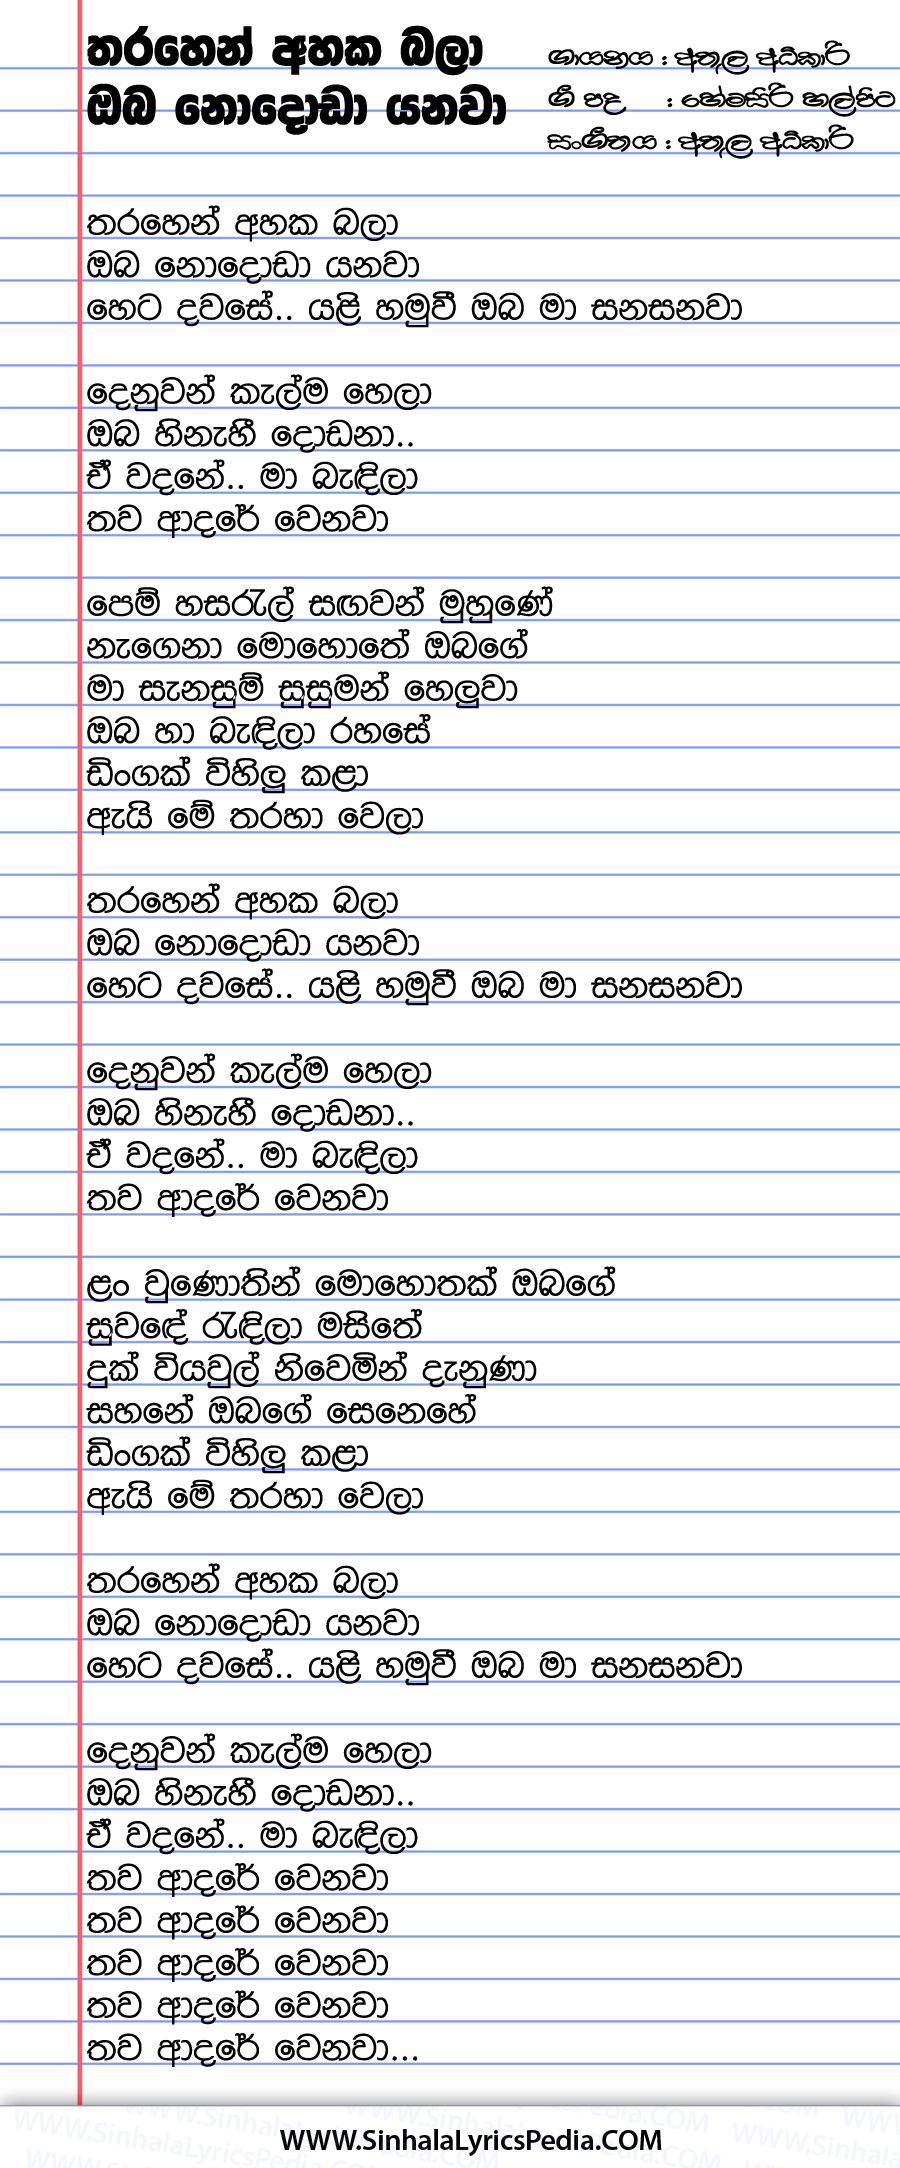 Tharahen Ahaka Bala Song Lyrics